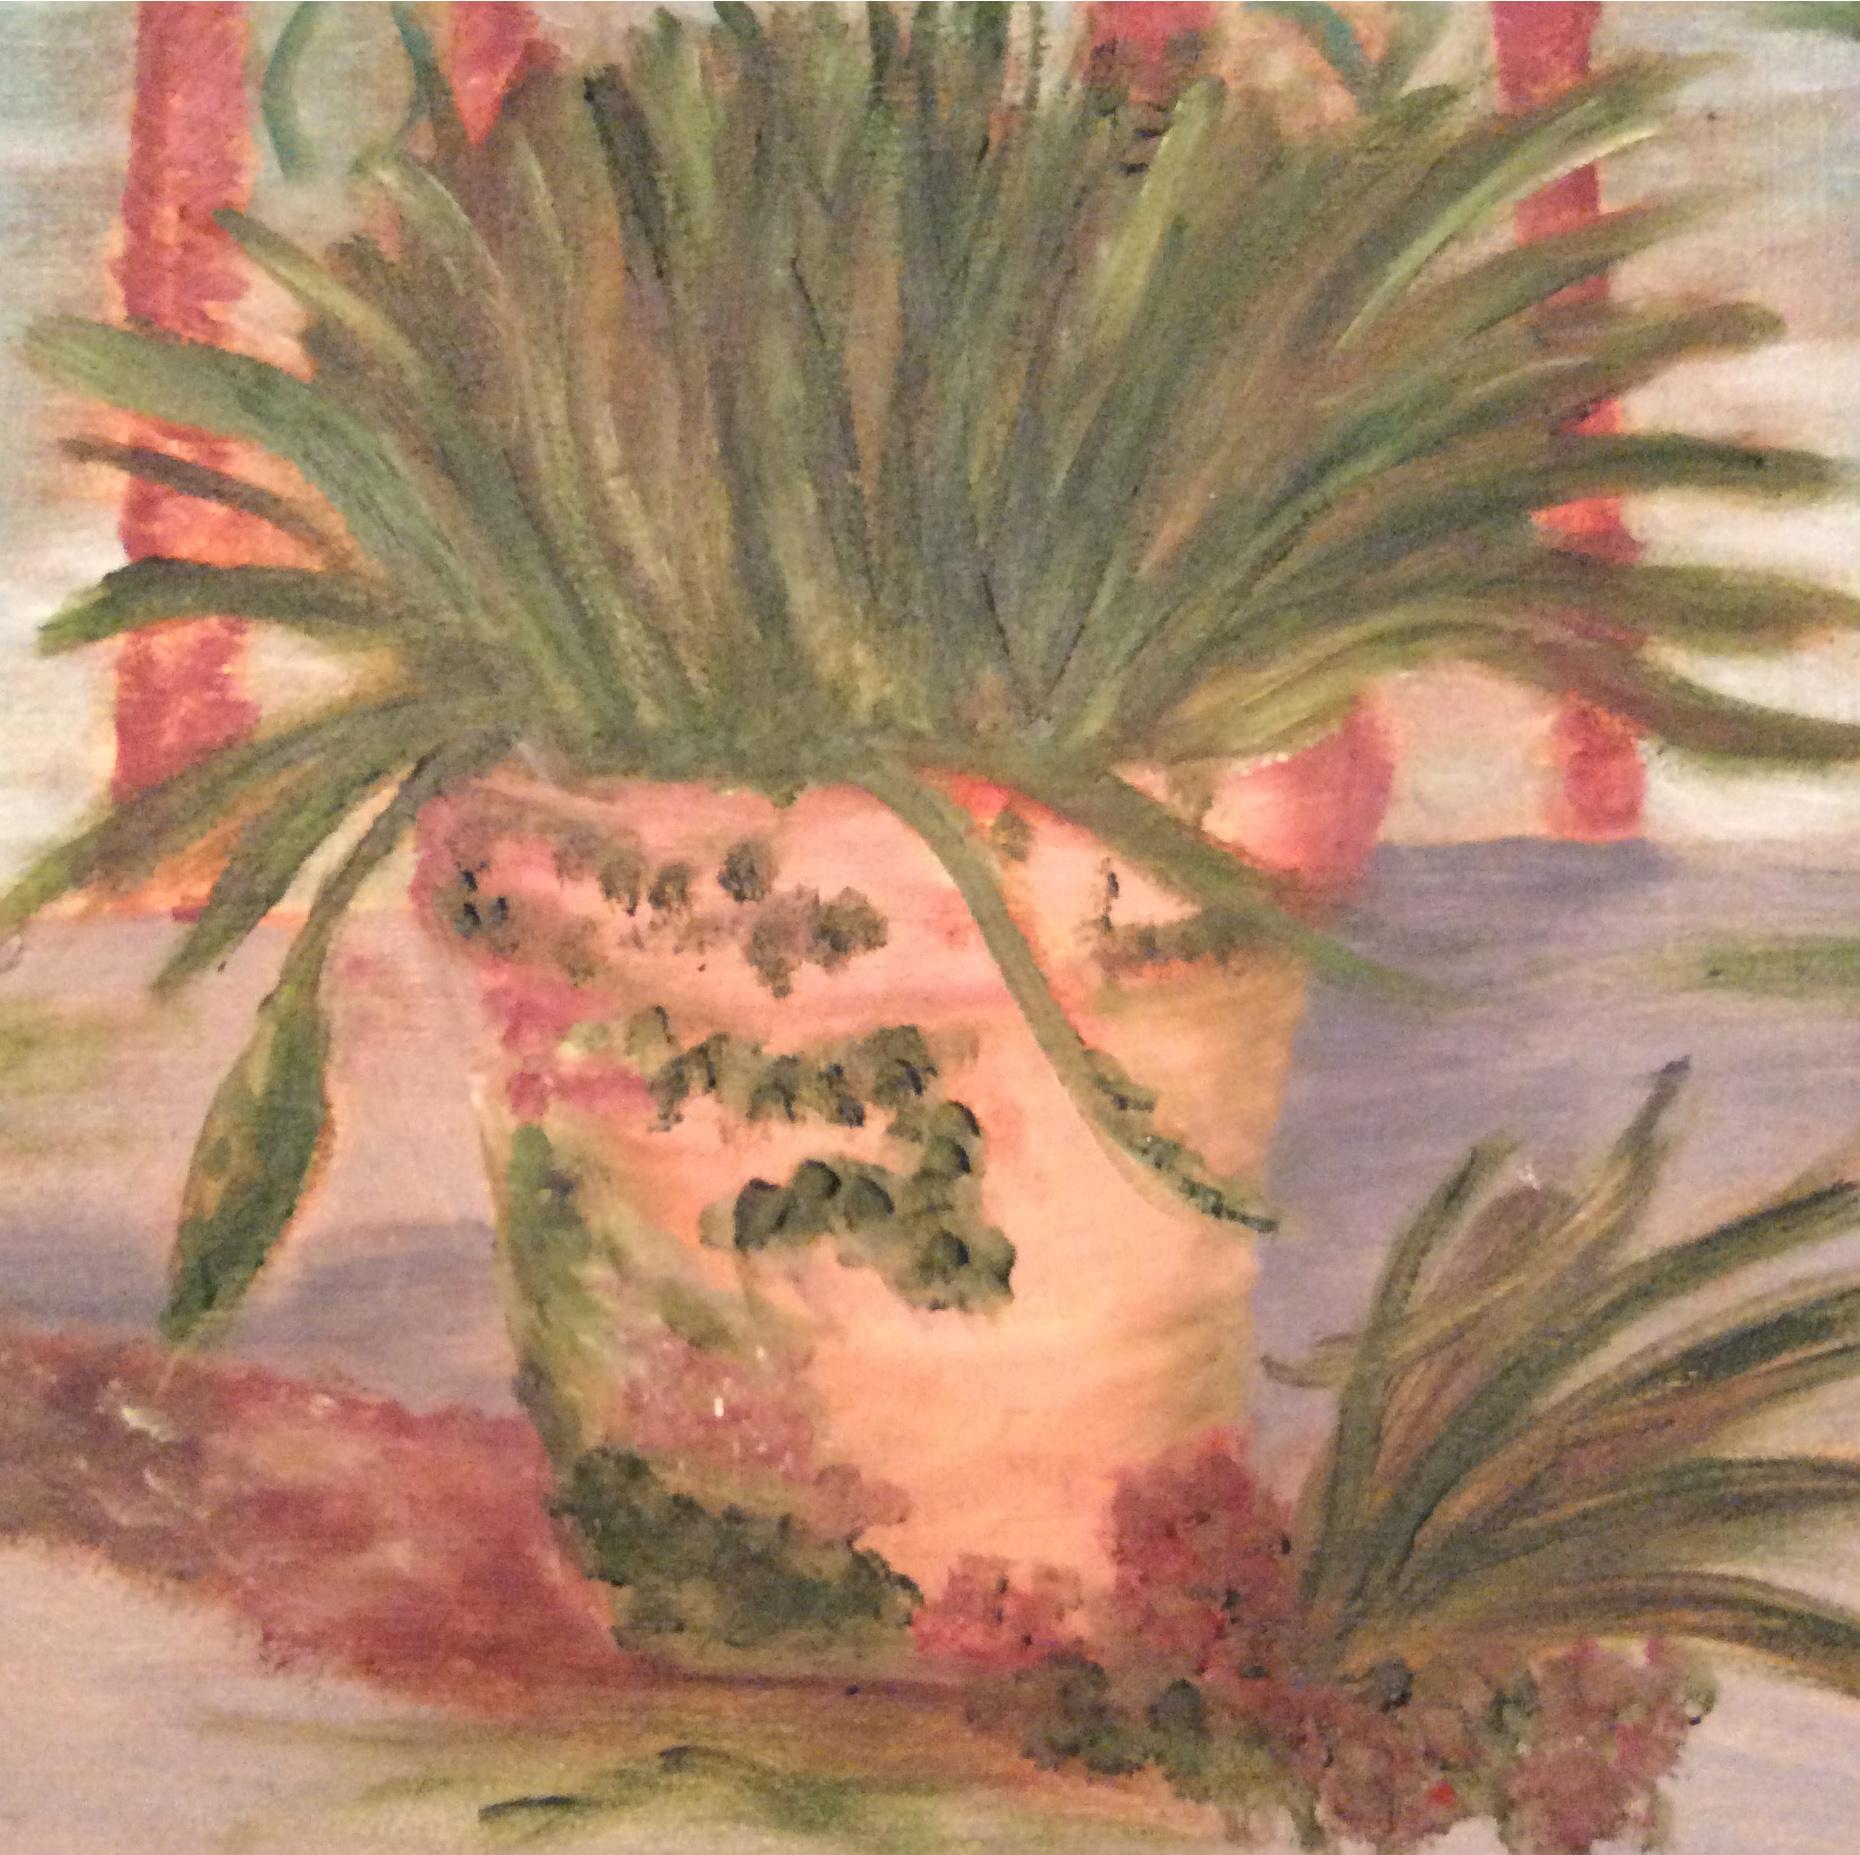 van gogh still life plant